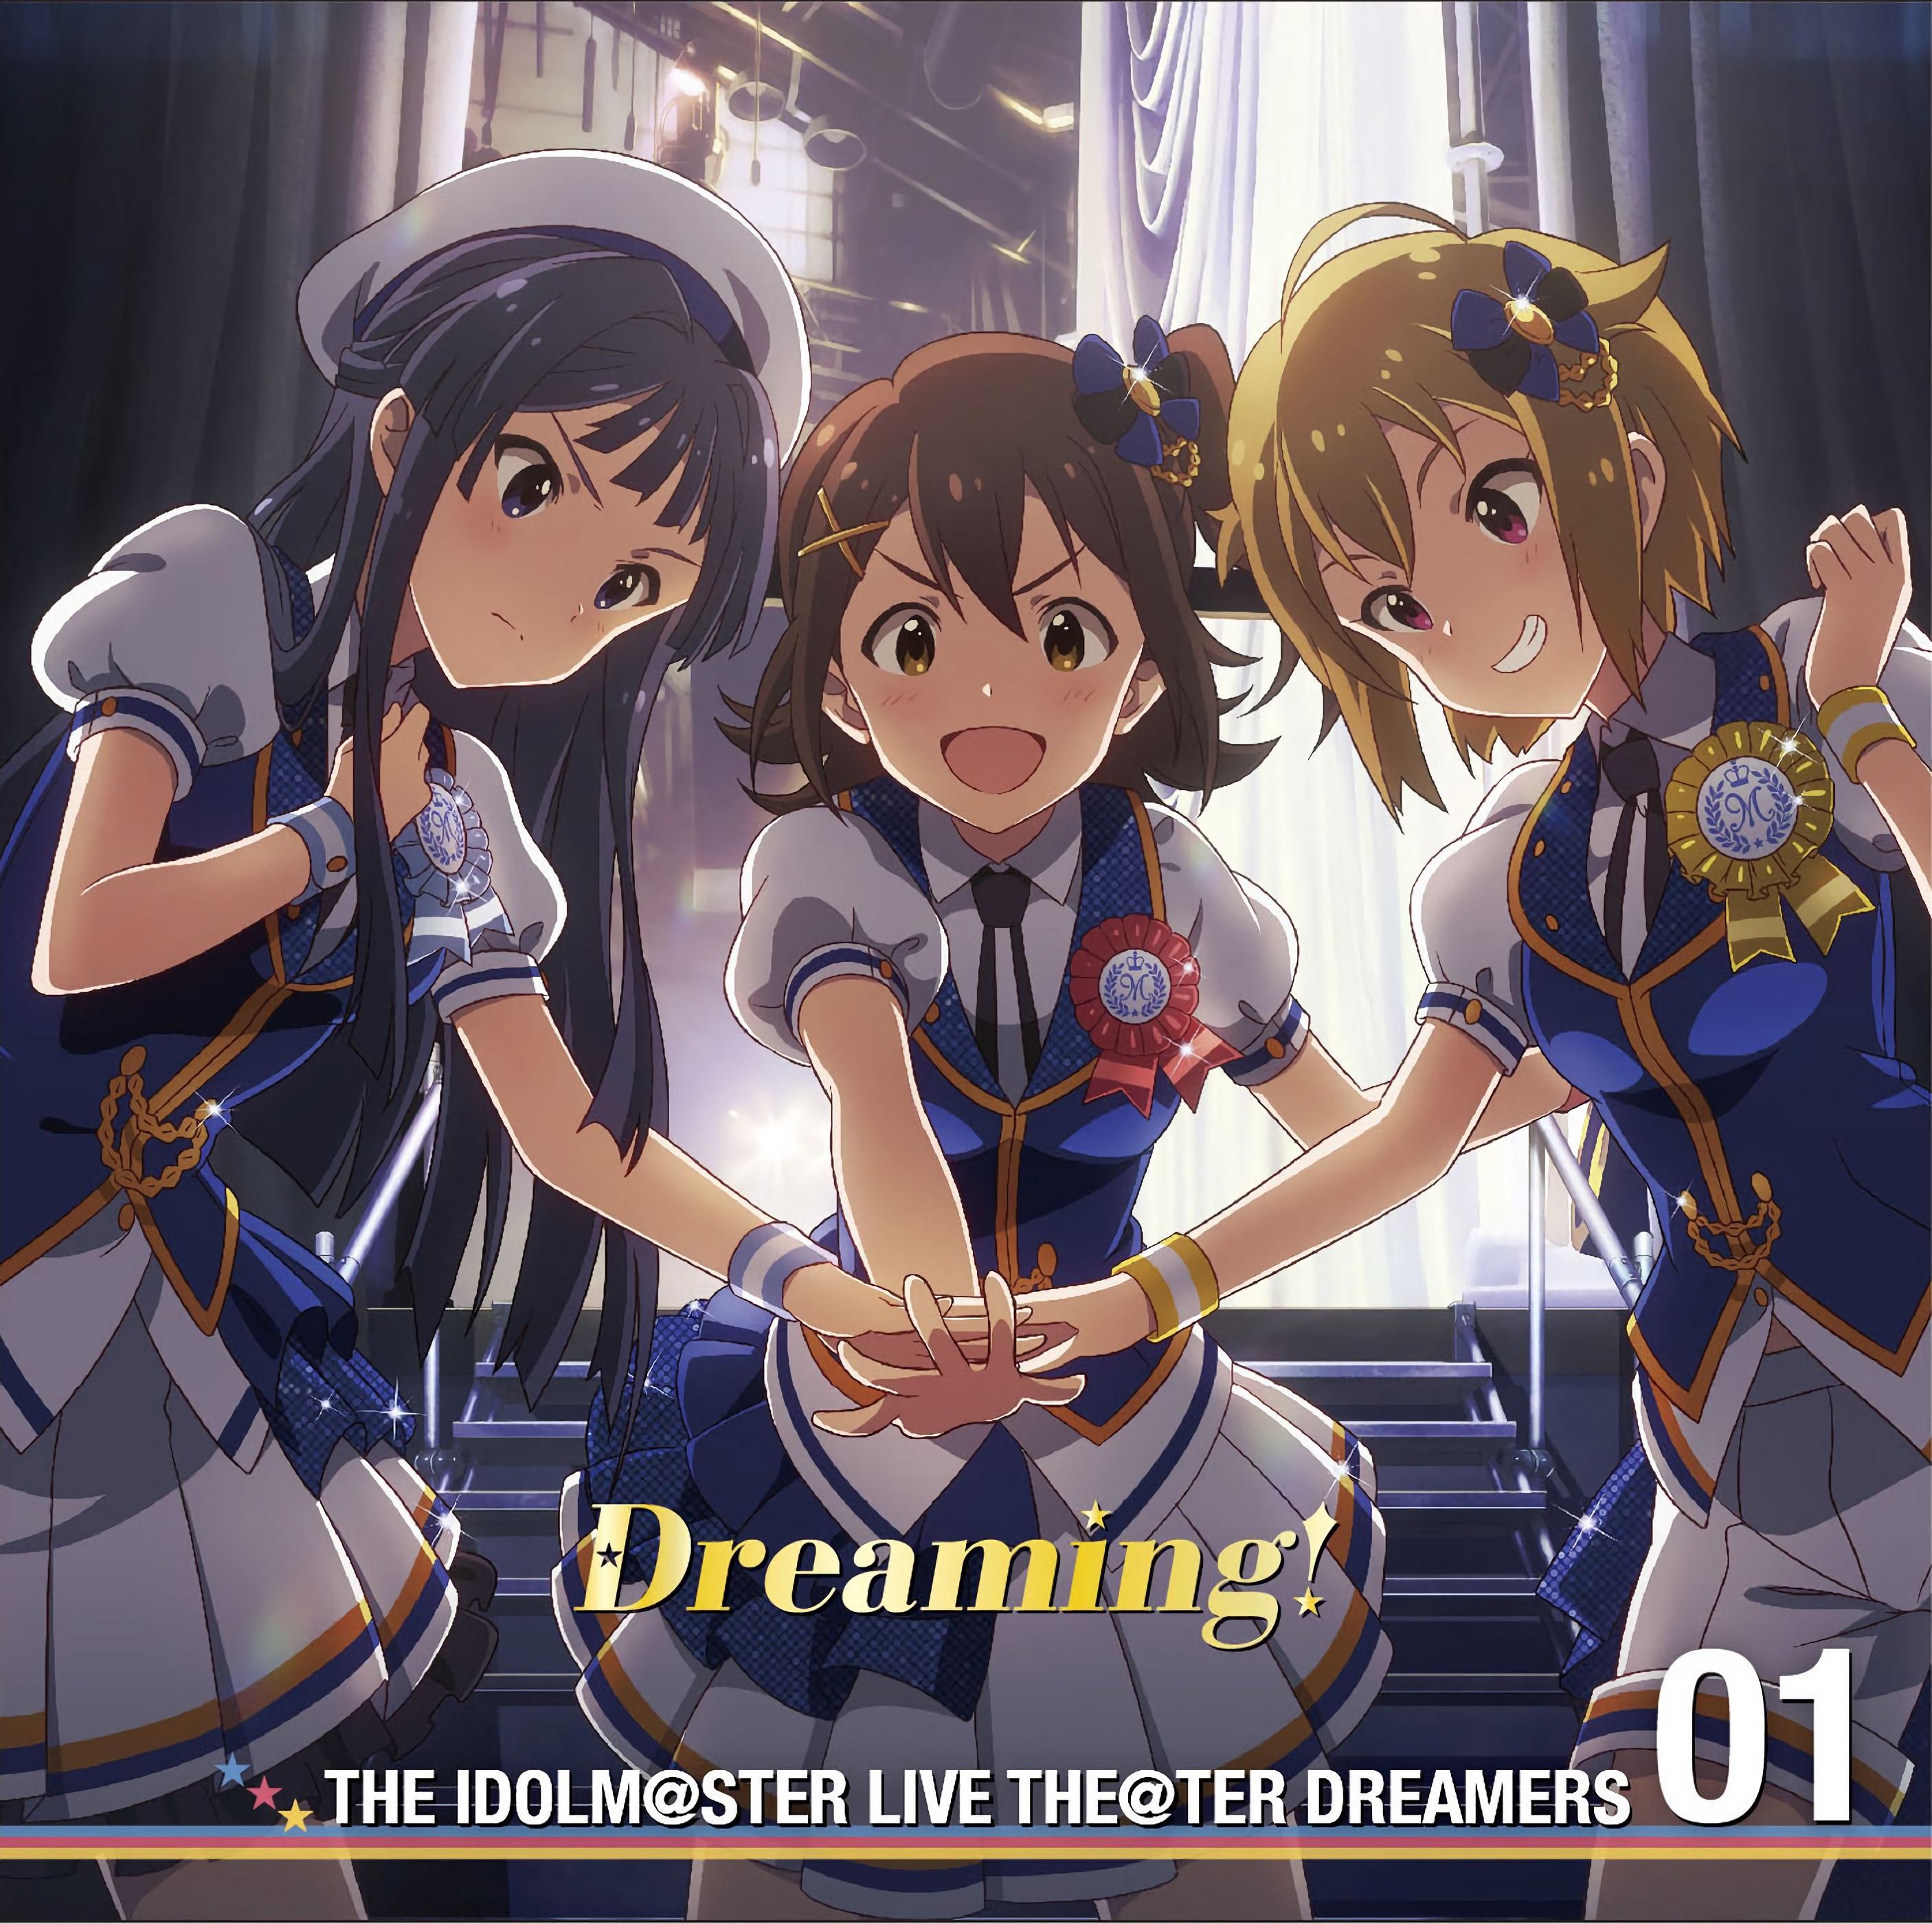 【偶像大师 MILLION LIVE!】Dreaming! (Animation PV Ver.)钢琴谱